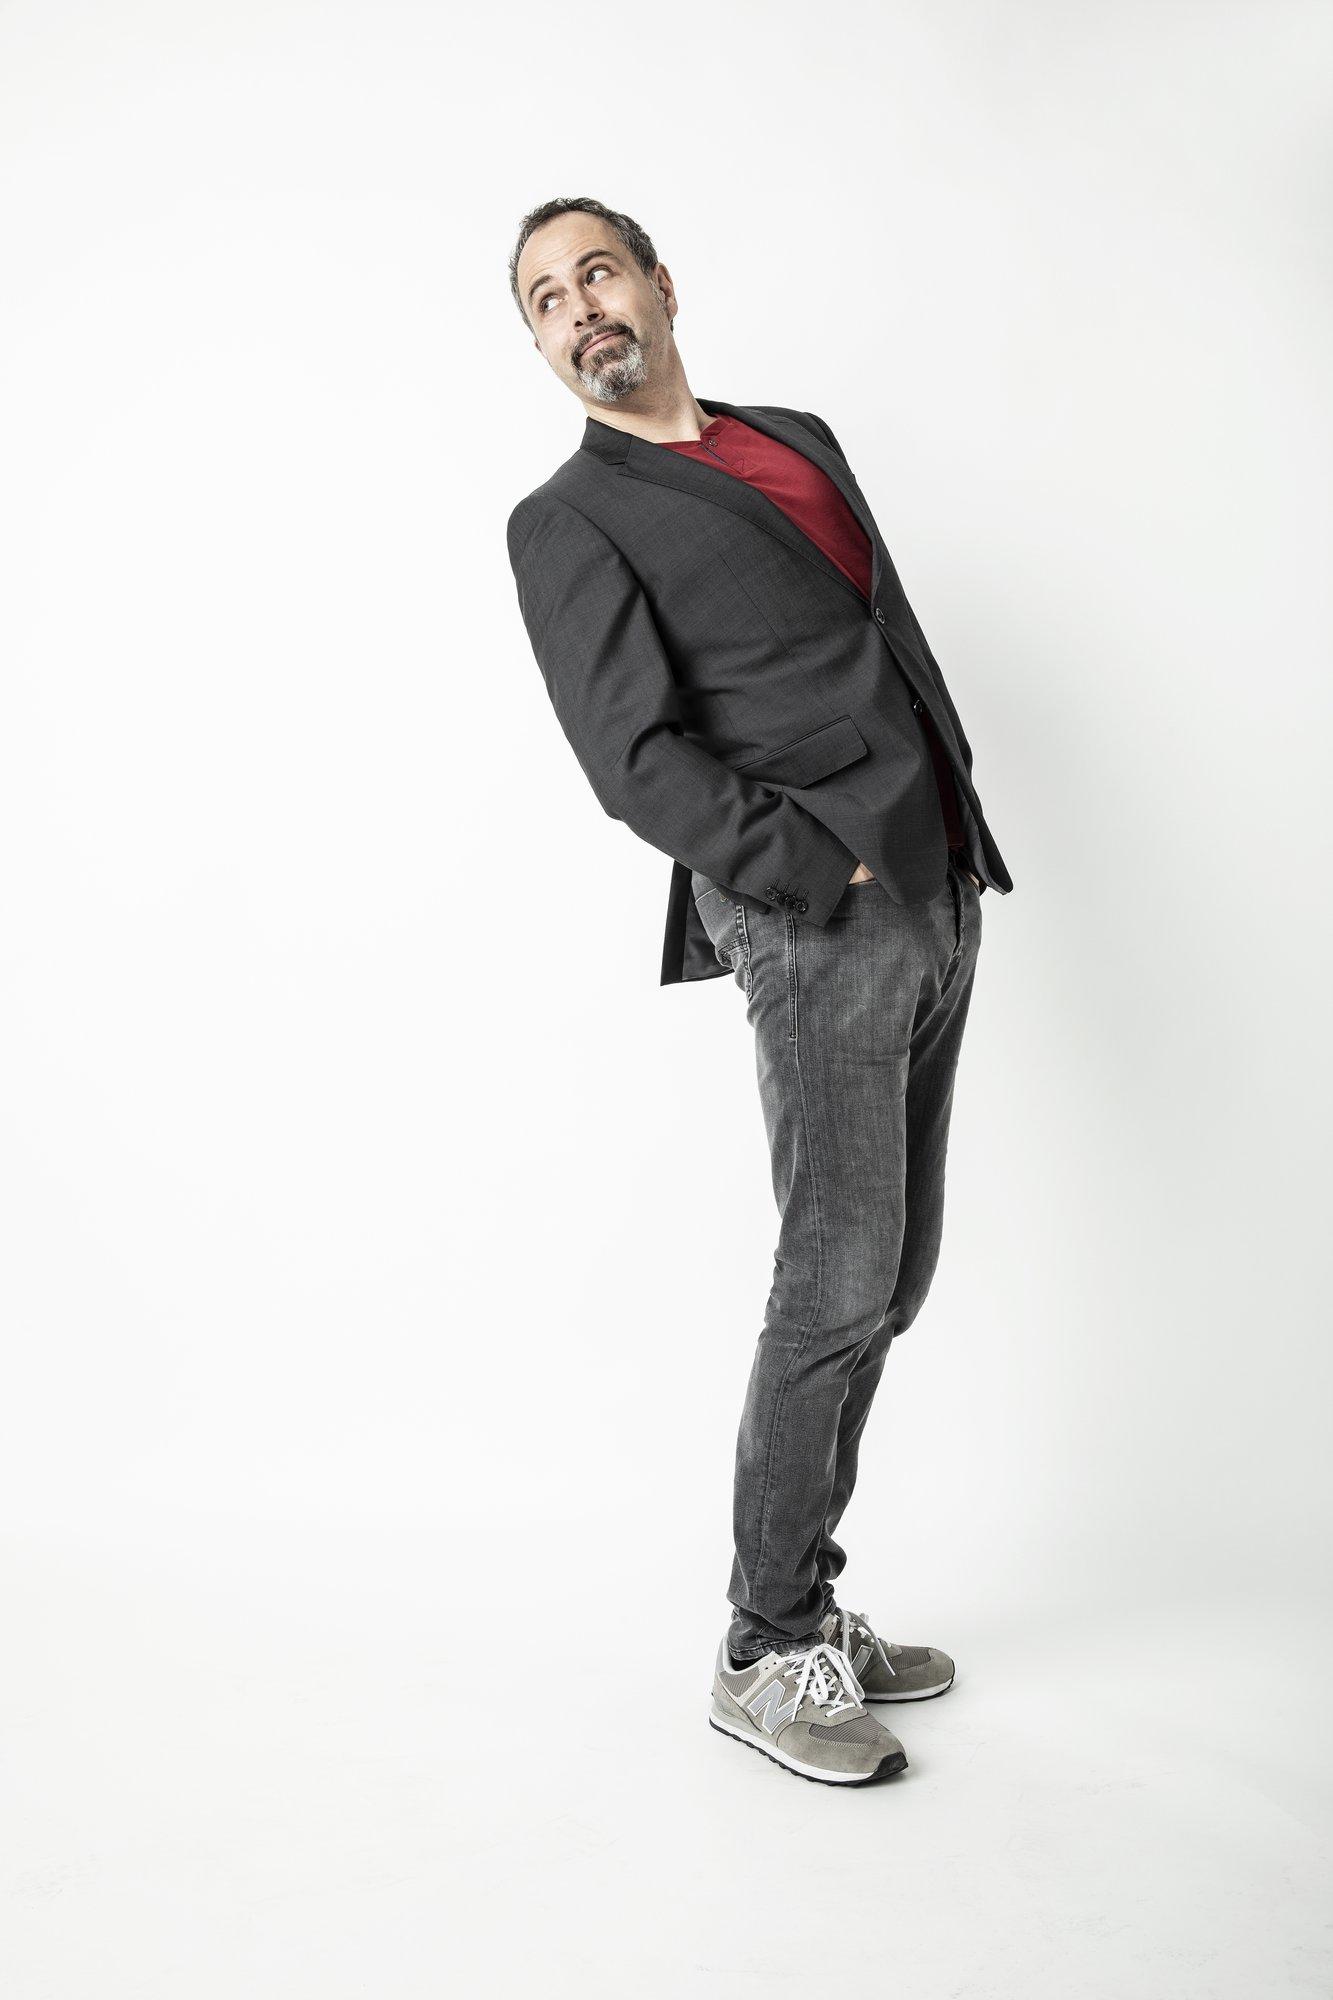 Michel Gammenthaler - BLöFF